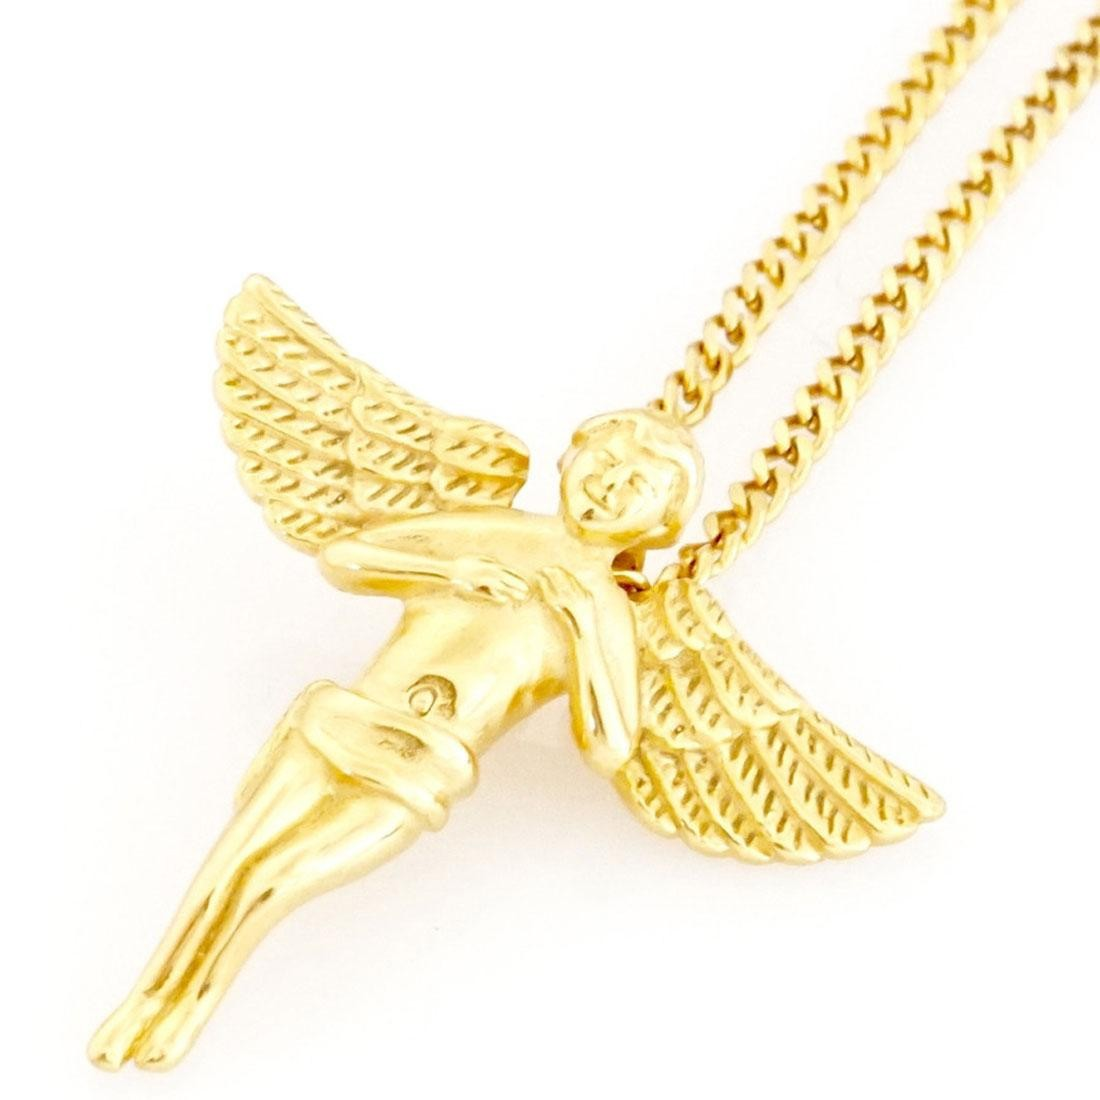 Veritas Aequitas Vigiles II Necklace (gold)